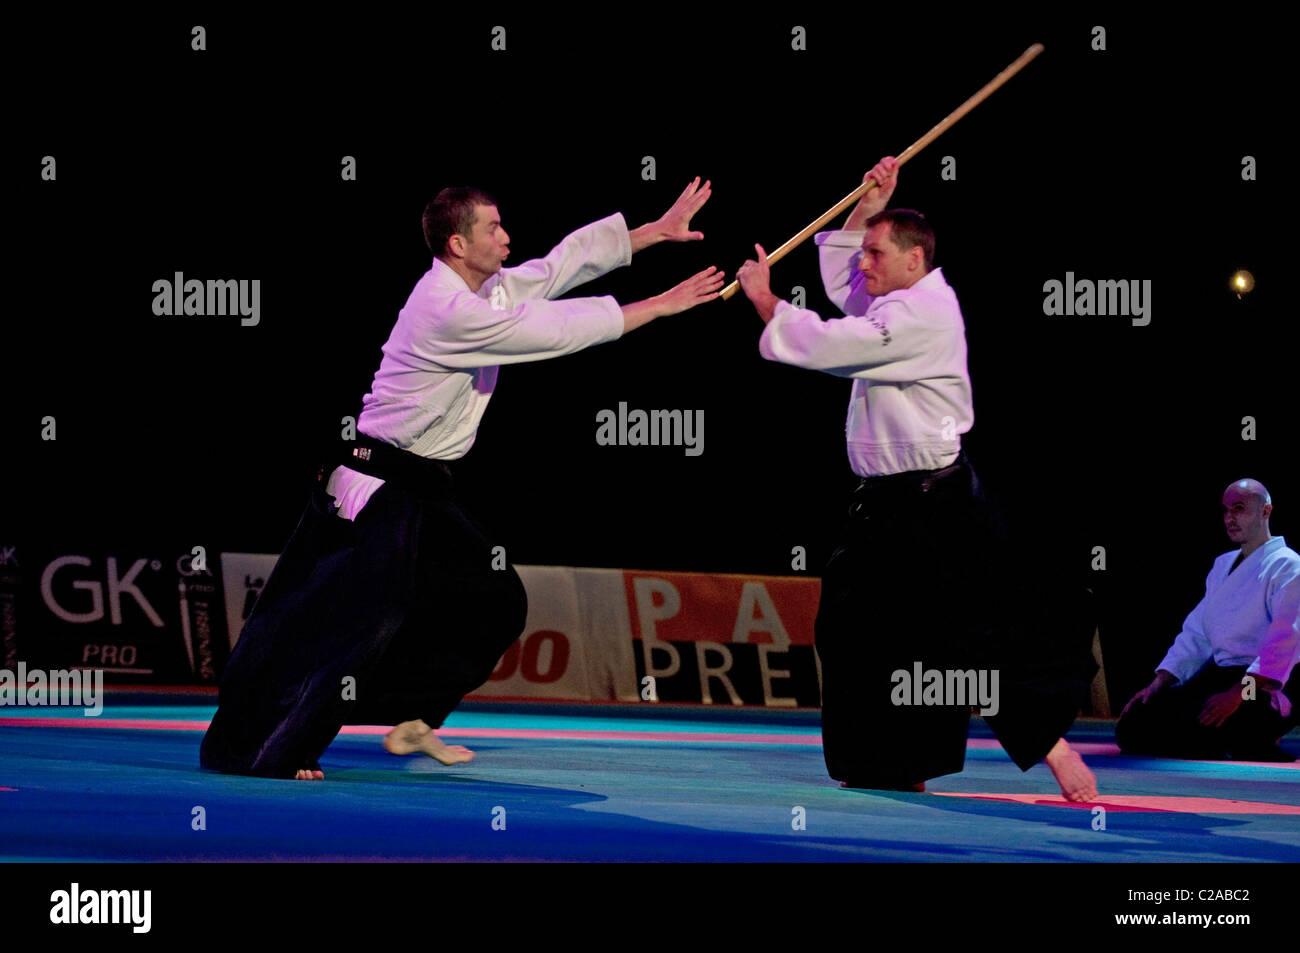 Aikido at Festival des Arts Martiaux de Bercy, Paris - Stock Image